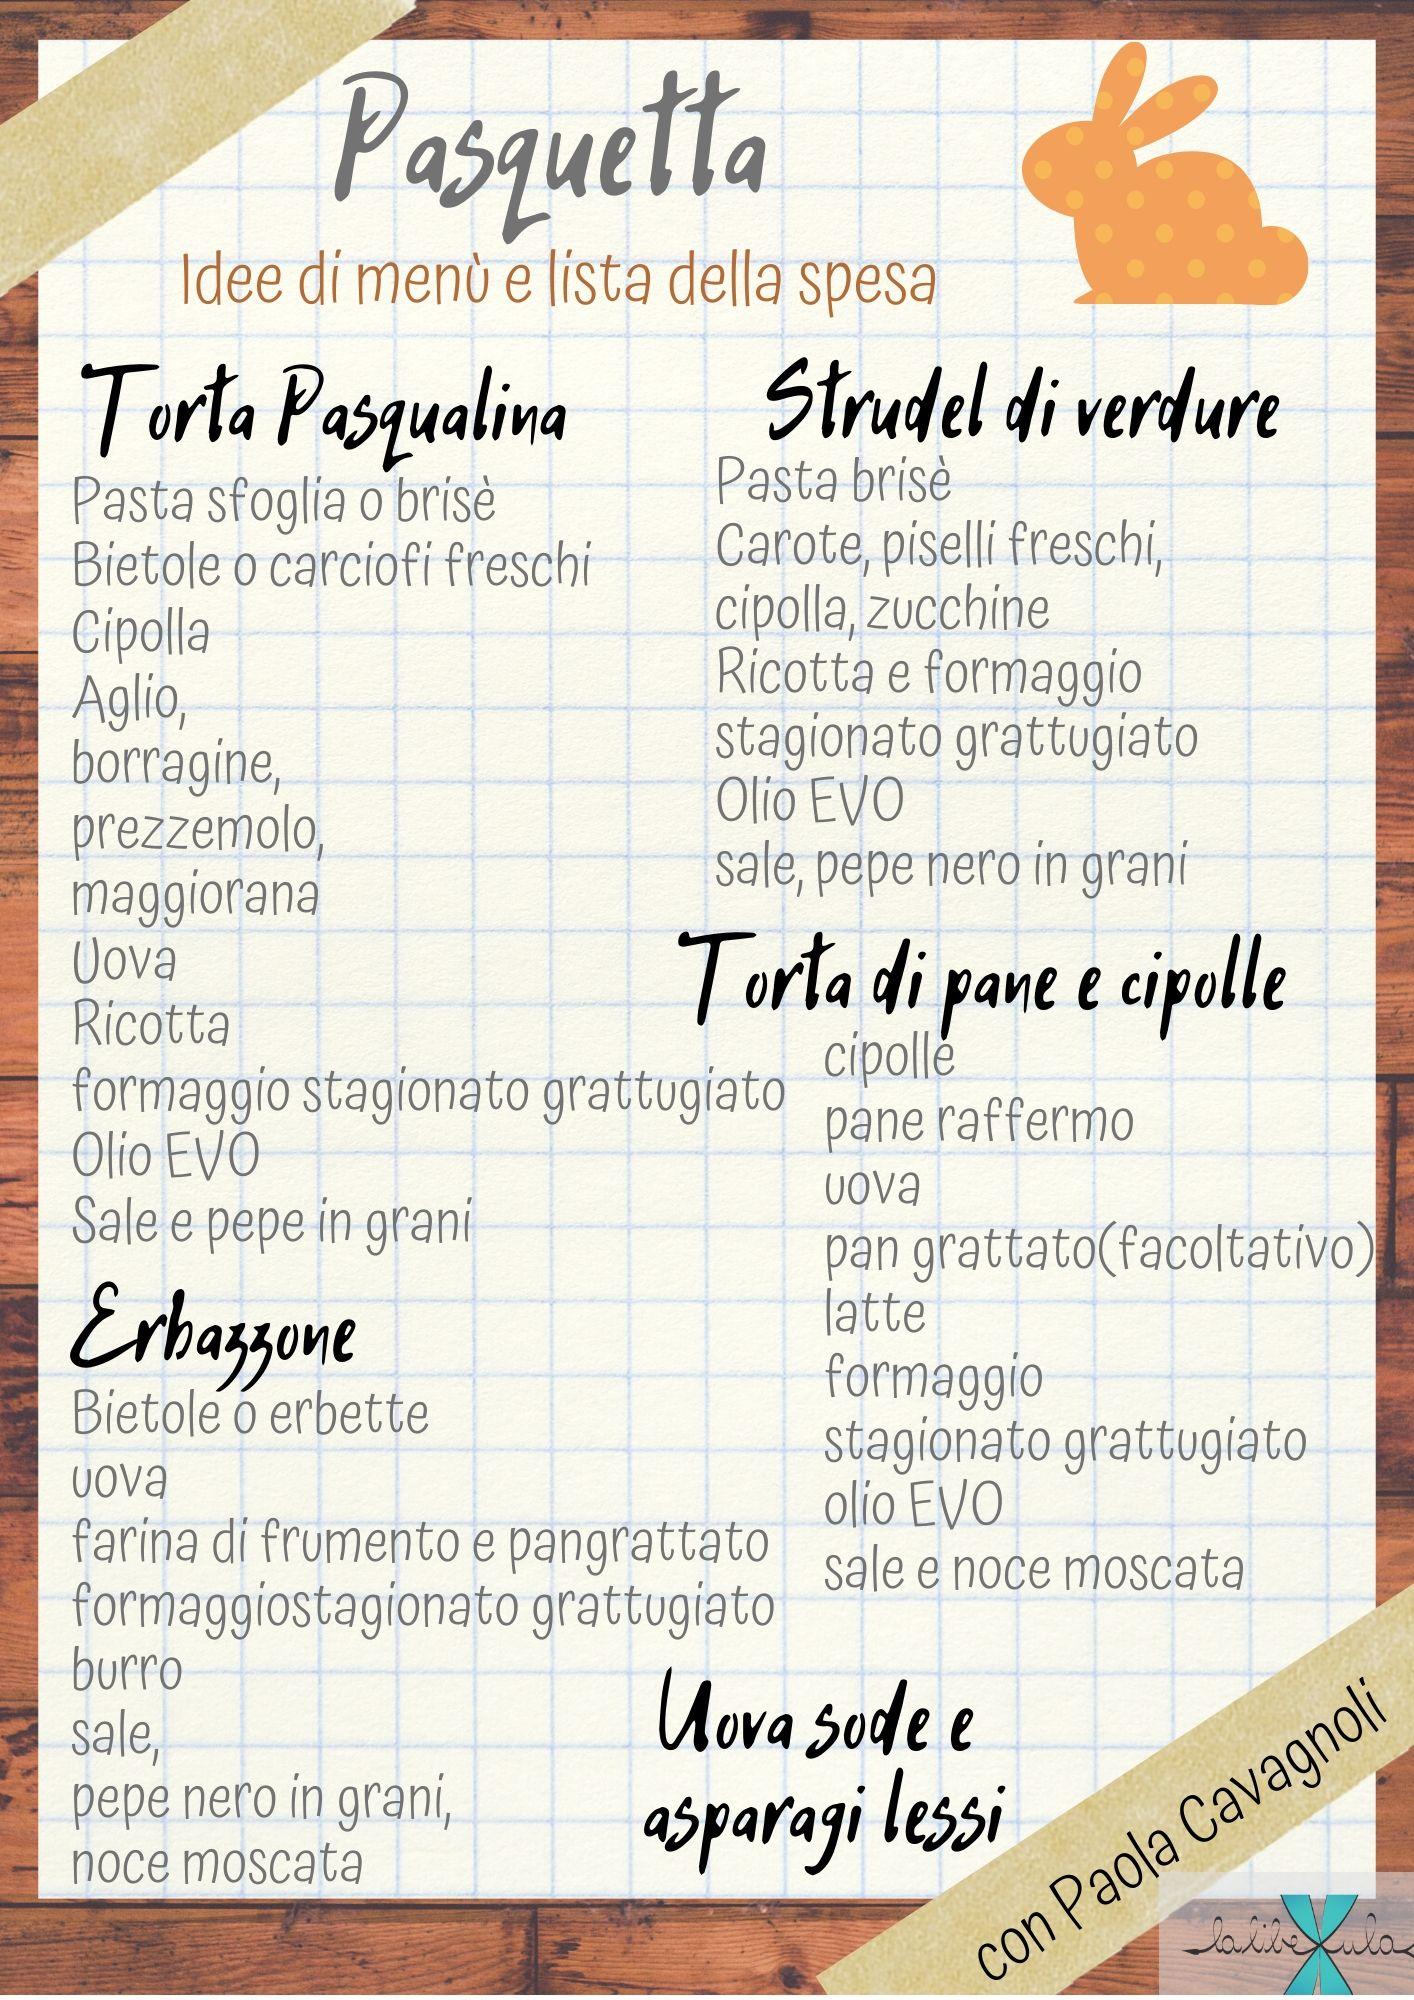 lista-spesa-menu-vegetariano-pasqua-cavagnoli-libellula